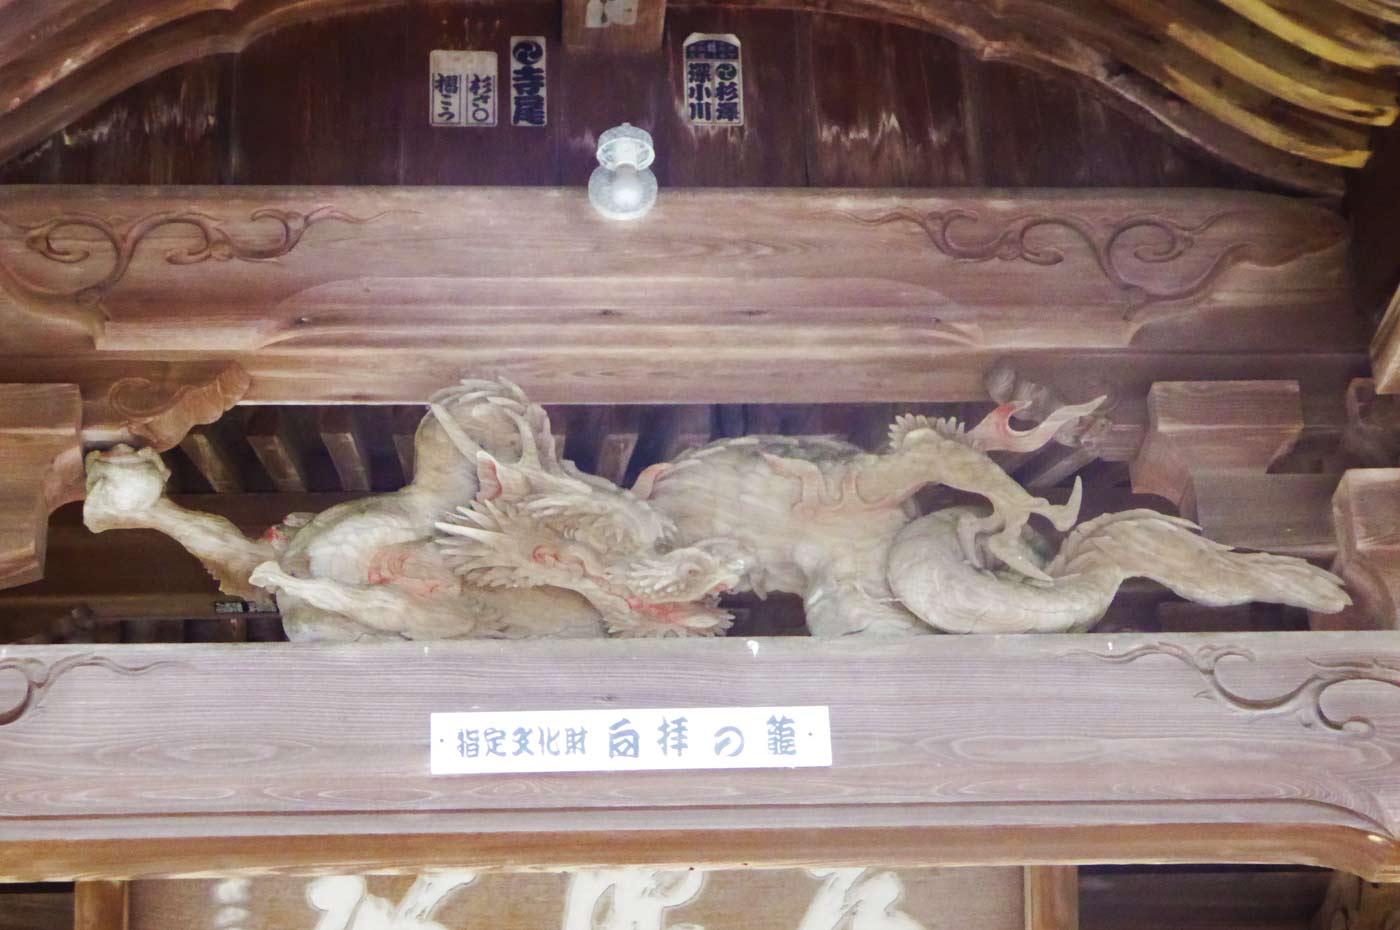 金乗院 初代武志伊八郎信由の竜の彫刻